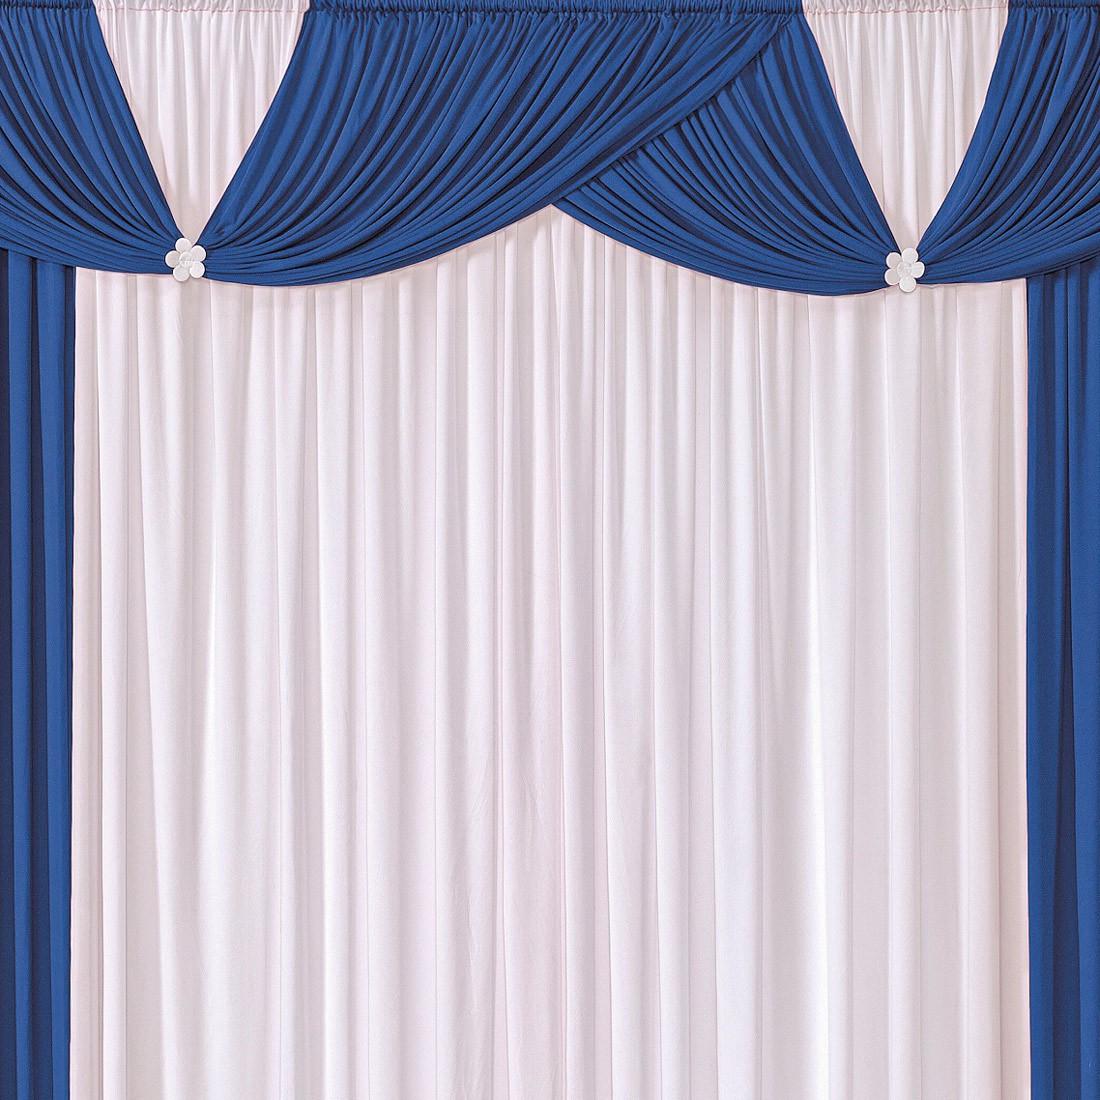 Cortina Londrina Azul/Branco 2,00m X 1,70m p/ Varão Simples